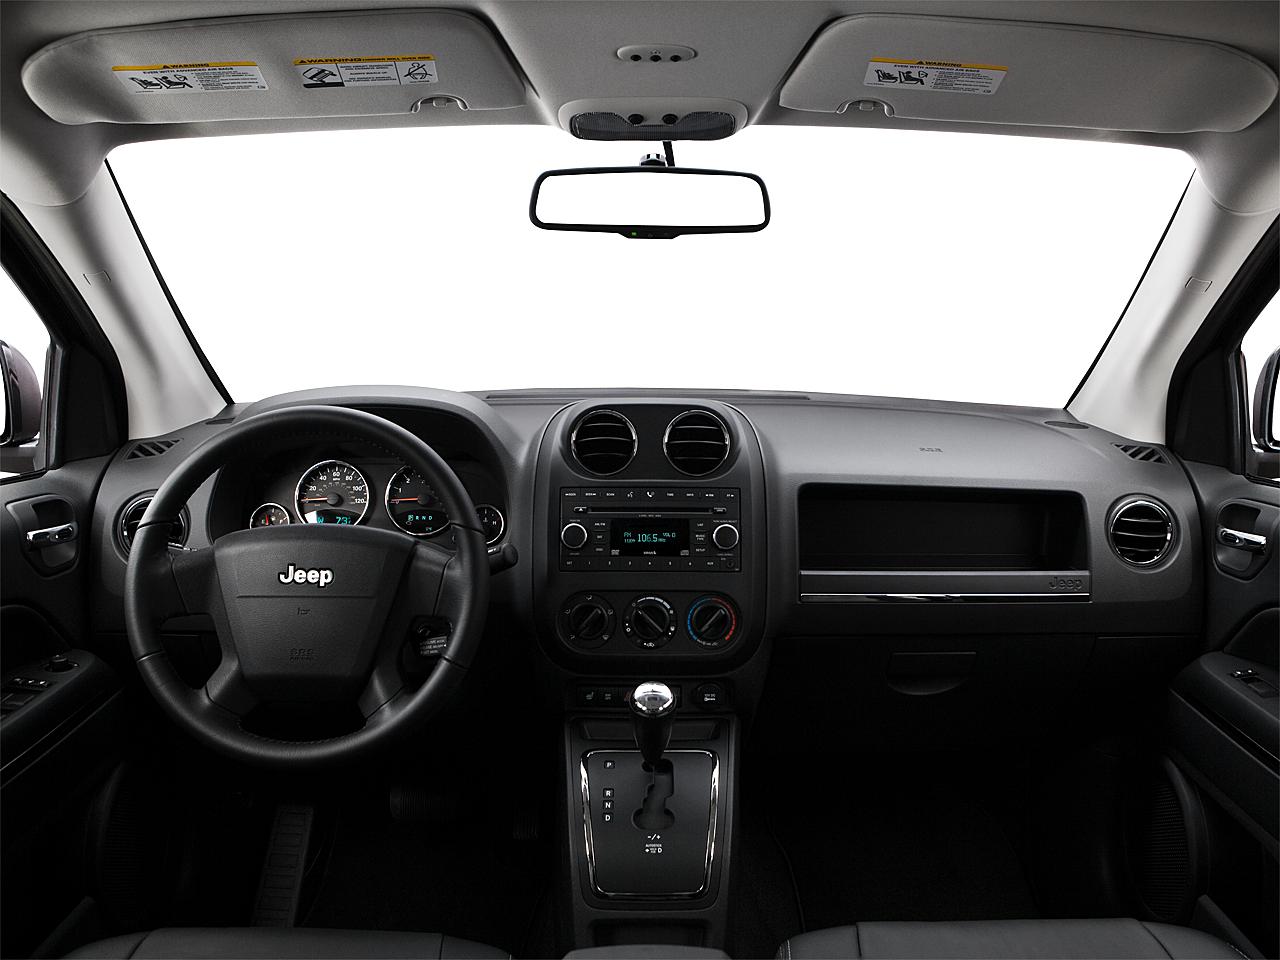 2011 jeep compass repair manual